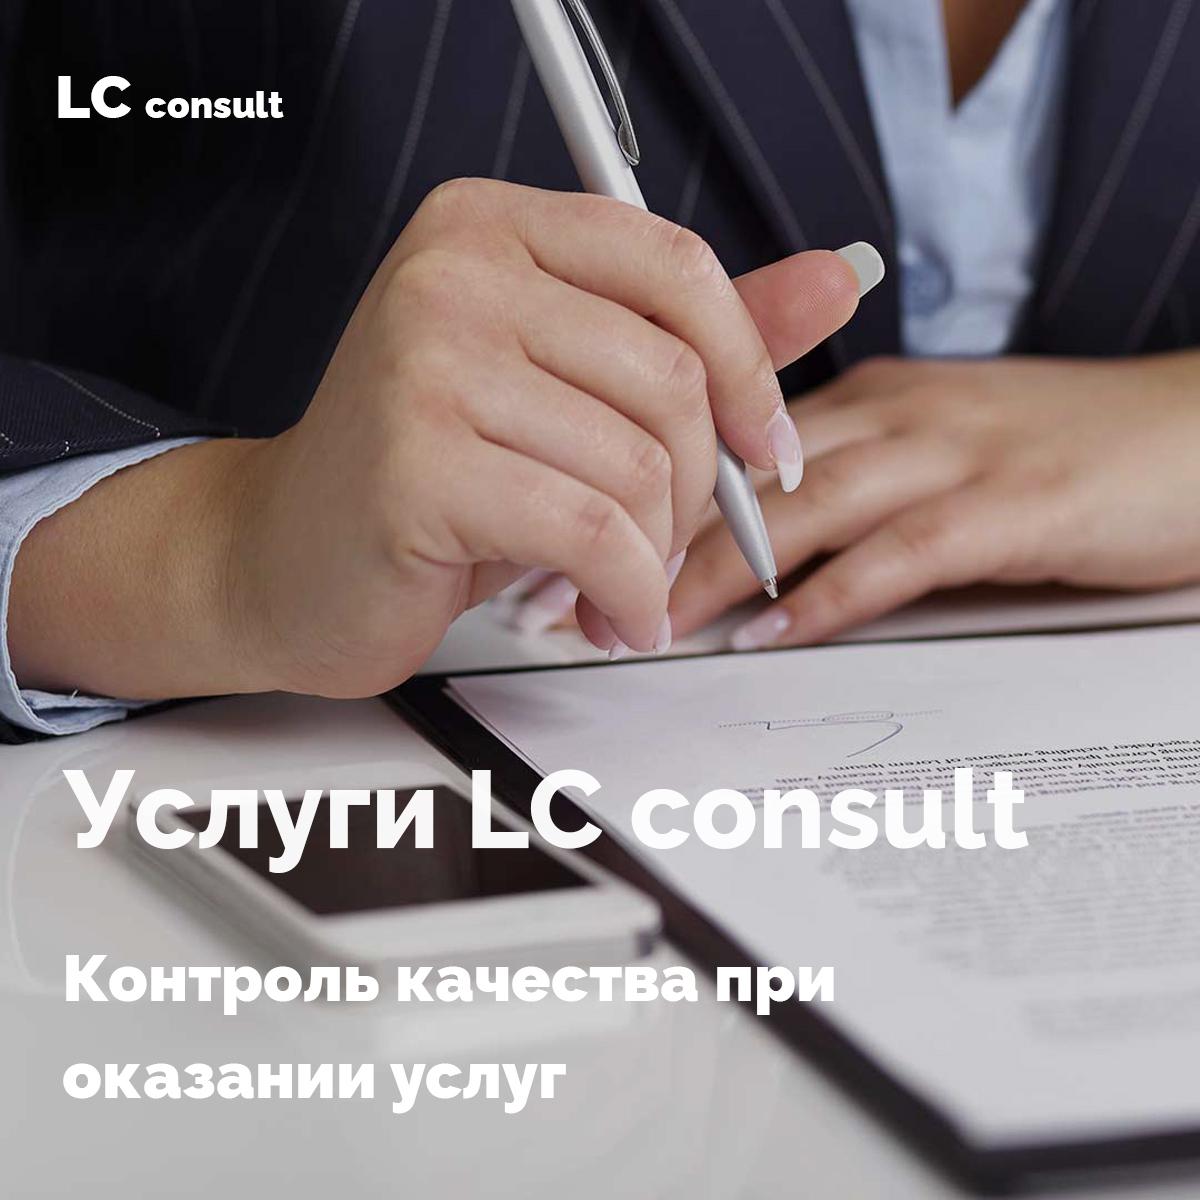 Lc-consult